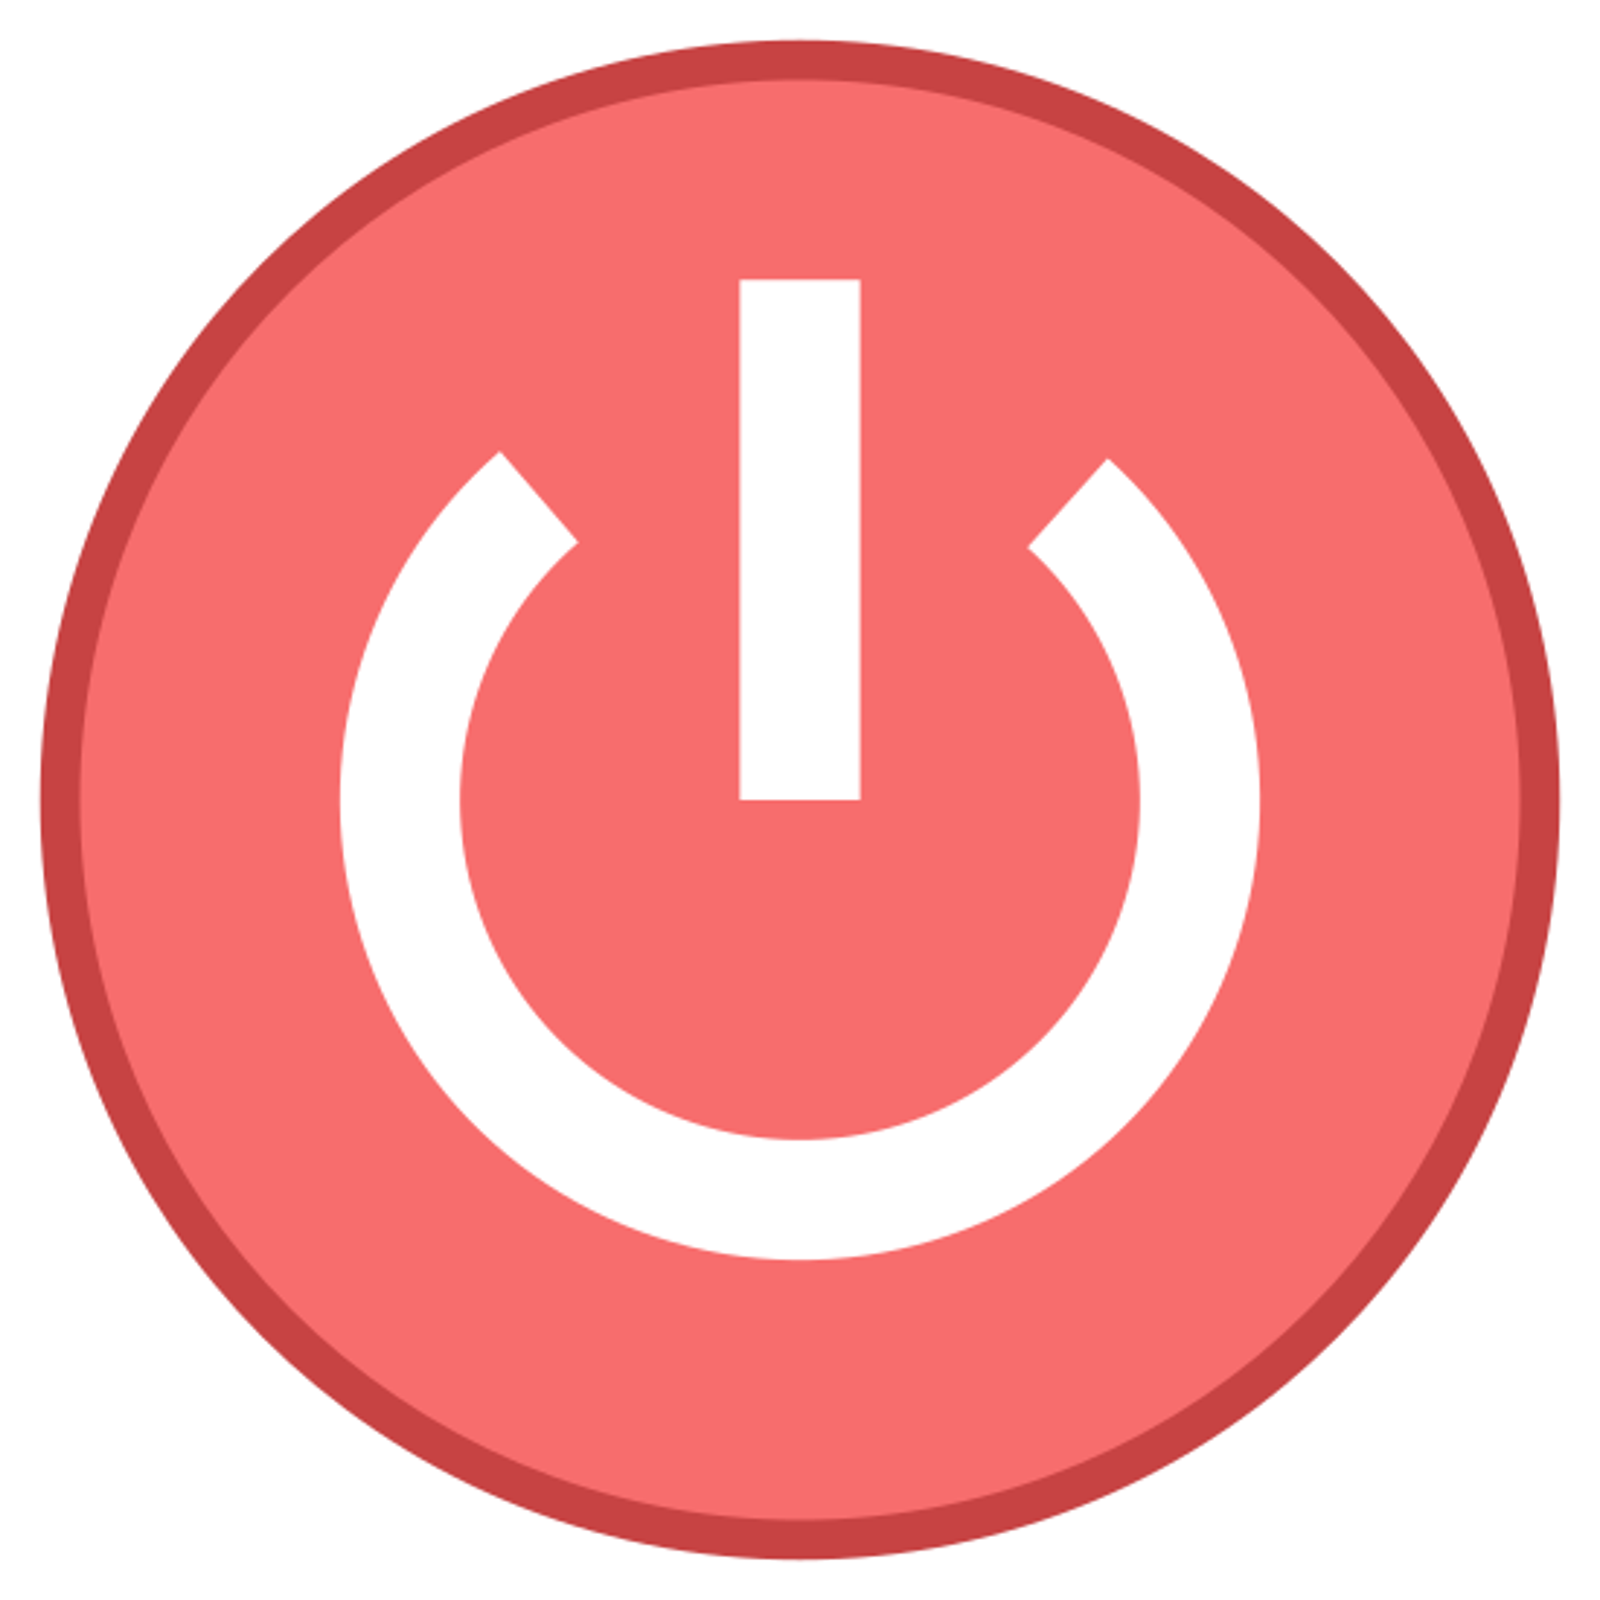 Zamknij icon